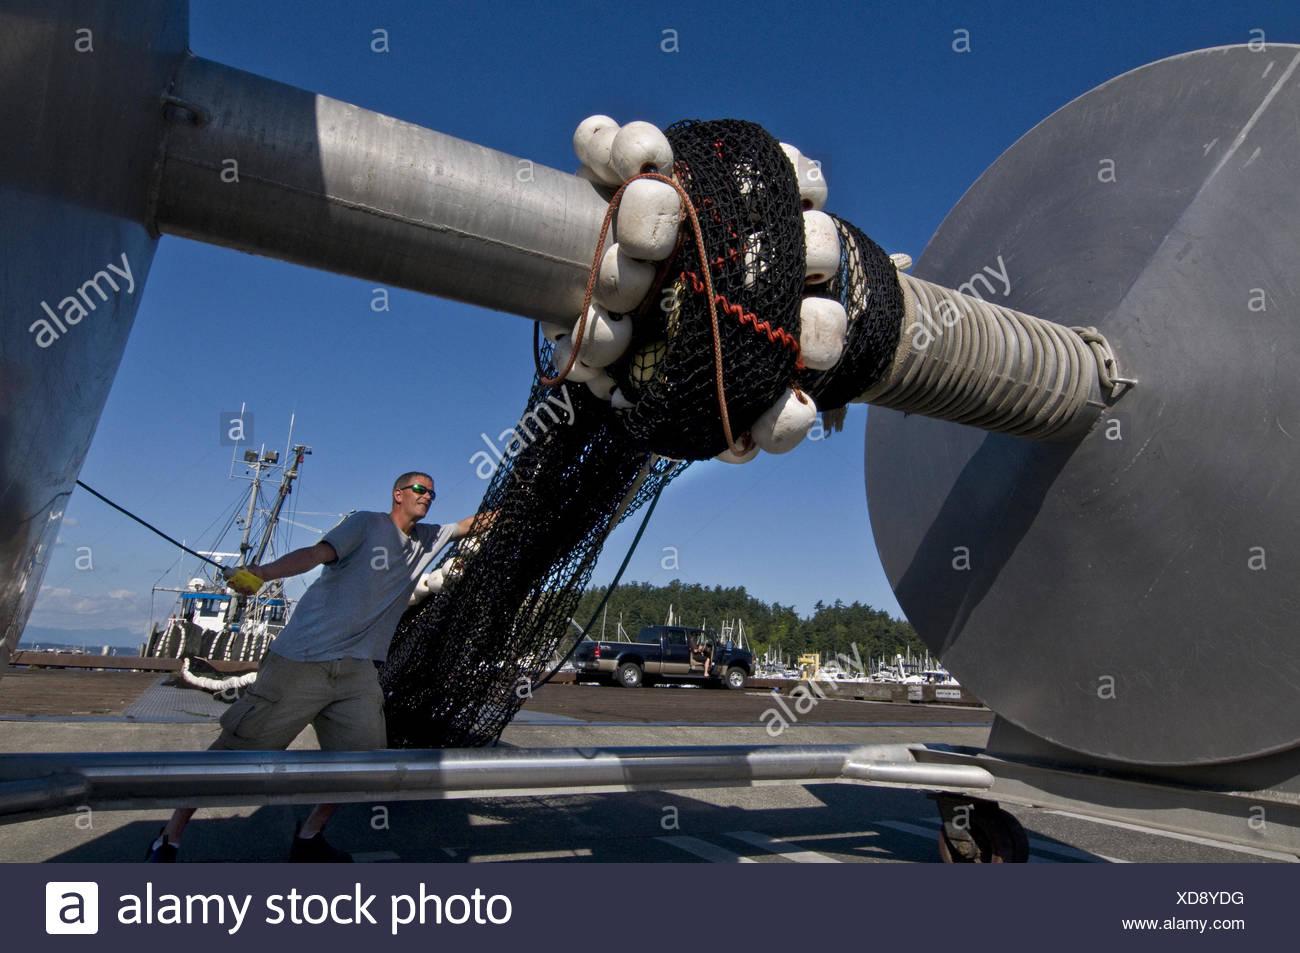 Dopo America American Anacortes colletto blu barca business costa di cattura costiere immagine a colori variopinti commerce ponte commerciale Immagini Stock